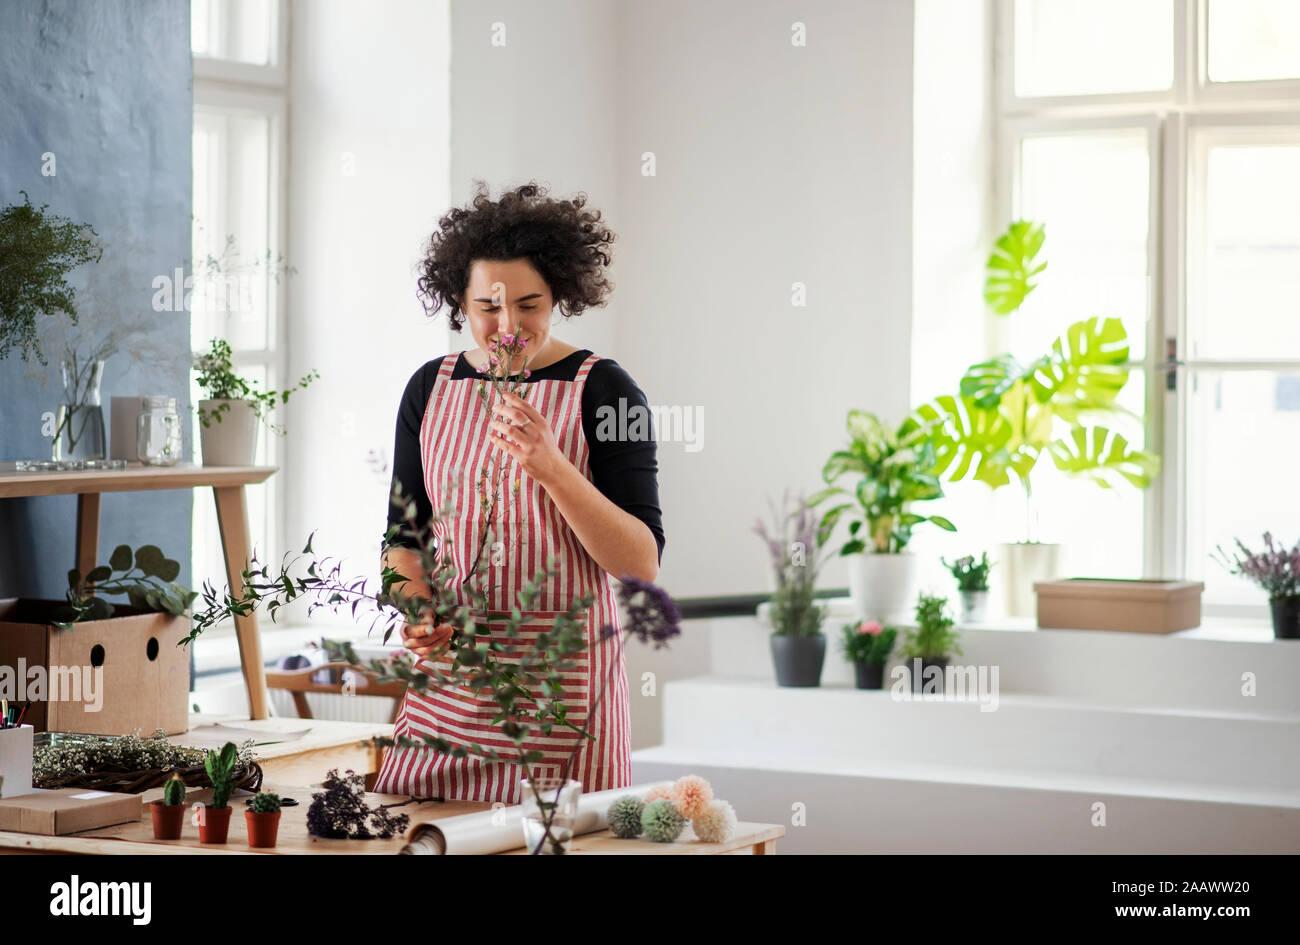 Lächelnde junge Frau riecht an der Pflanze in einem kleinen Laden Stockfoto